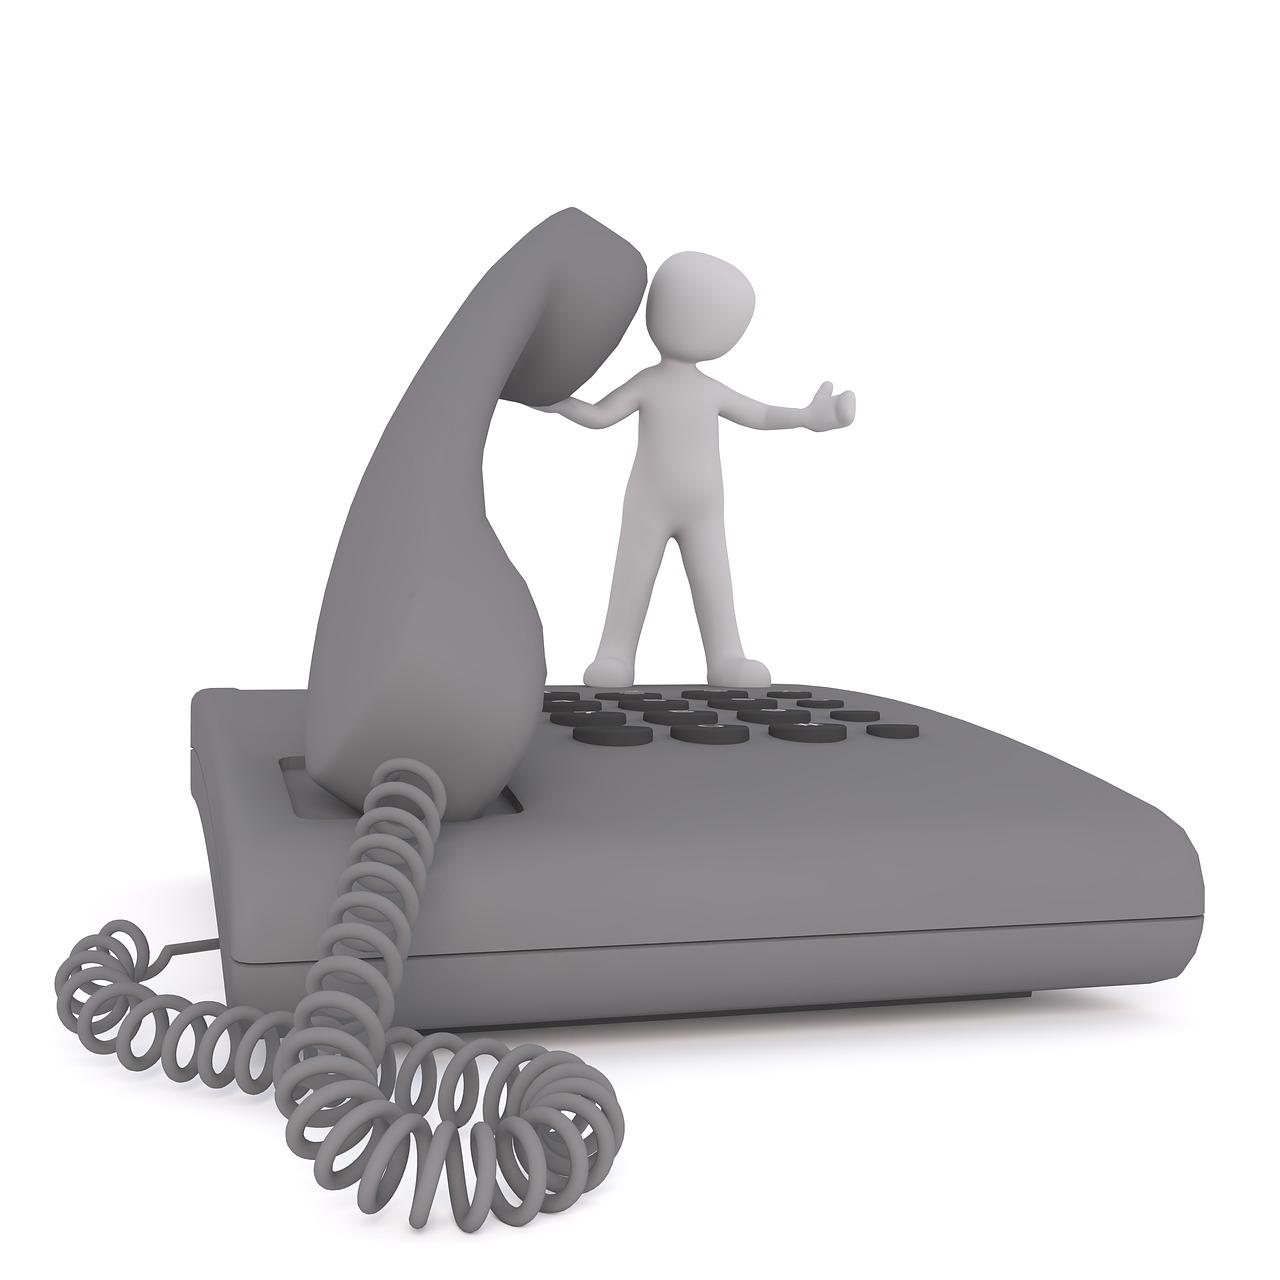 Téléphone fixe et téléphone portable.